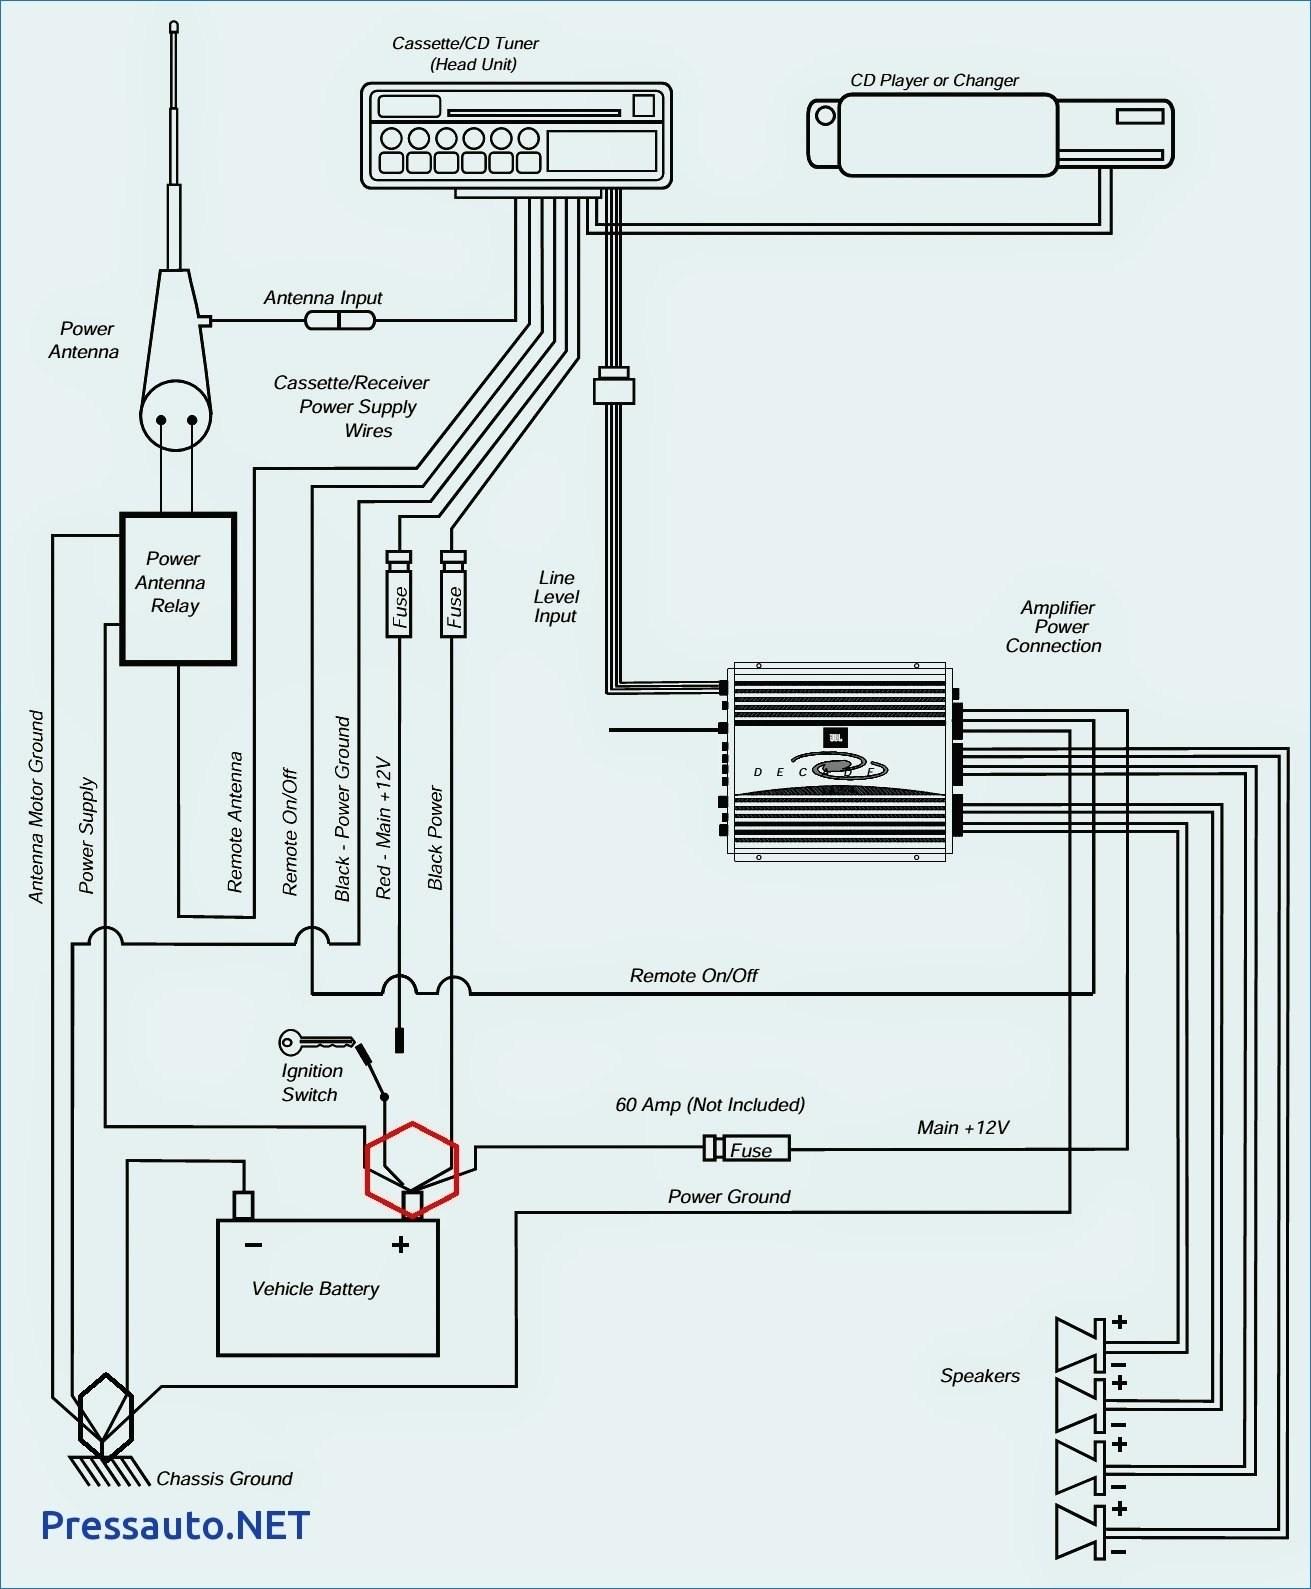 Nutnicha29060601.2Waky | Alpine Power Pack Wiring Diagram Ktp - Alpine Ktp-445U Wiring Diagram